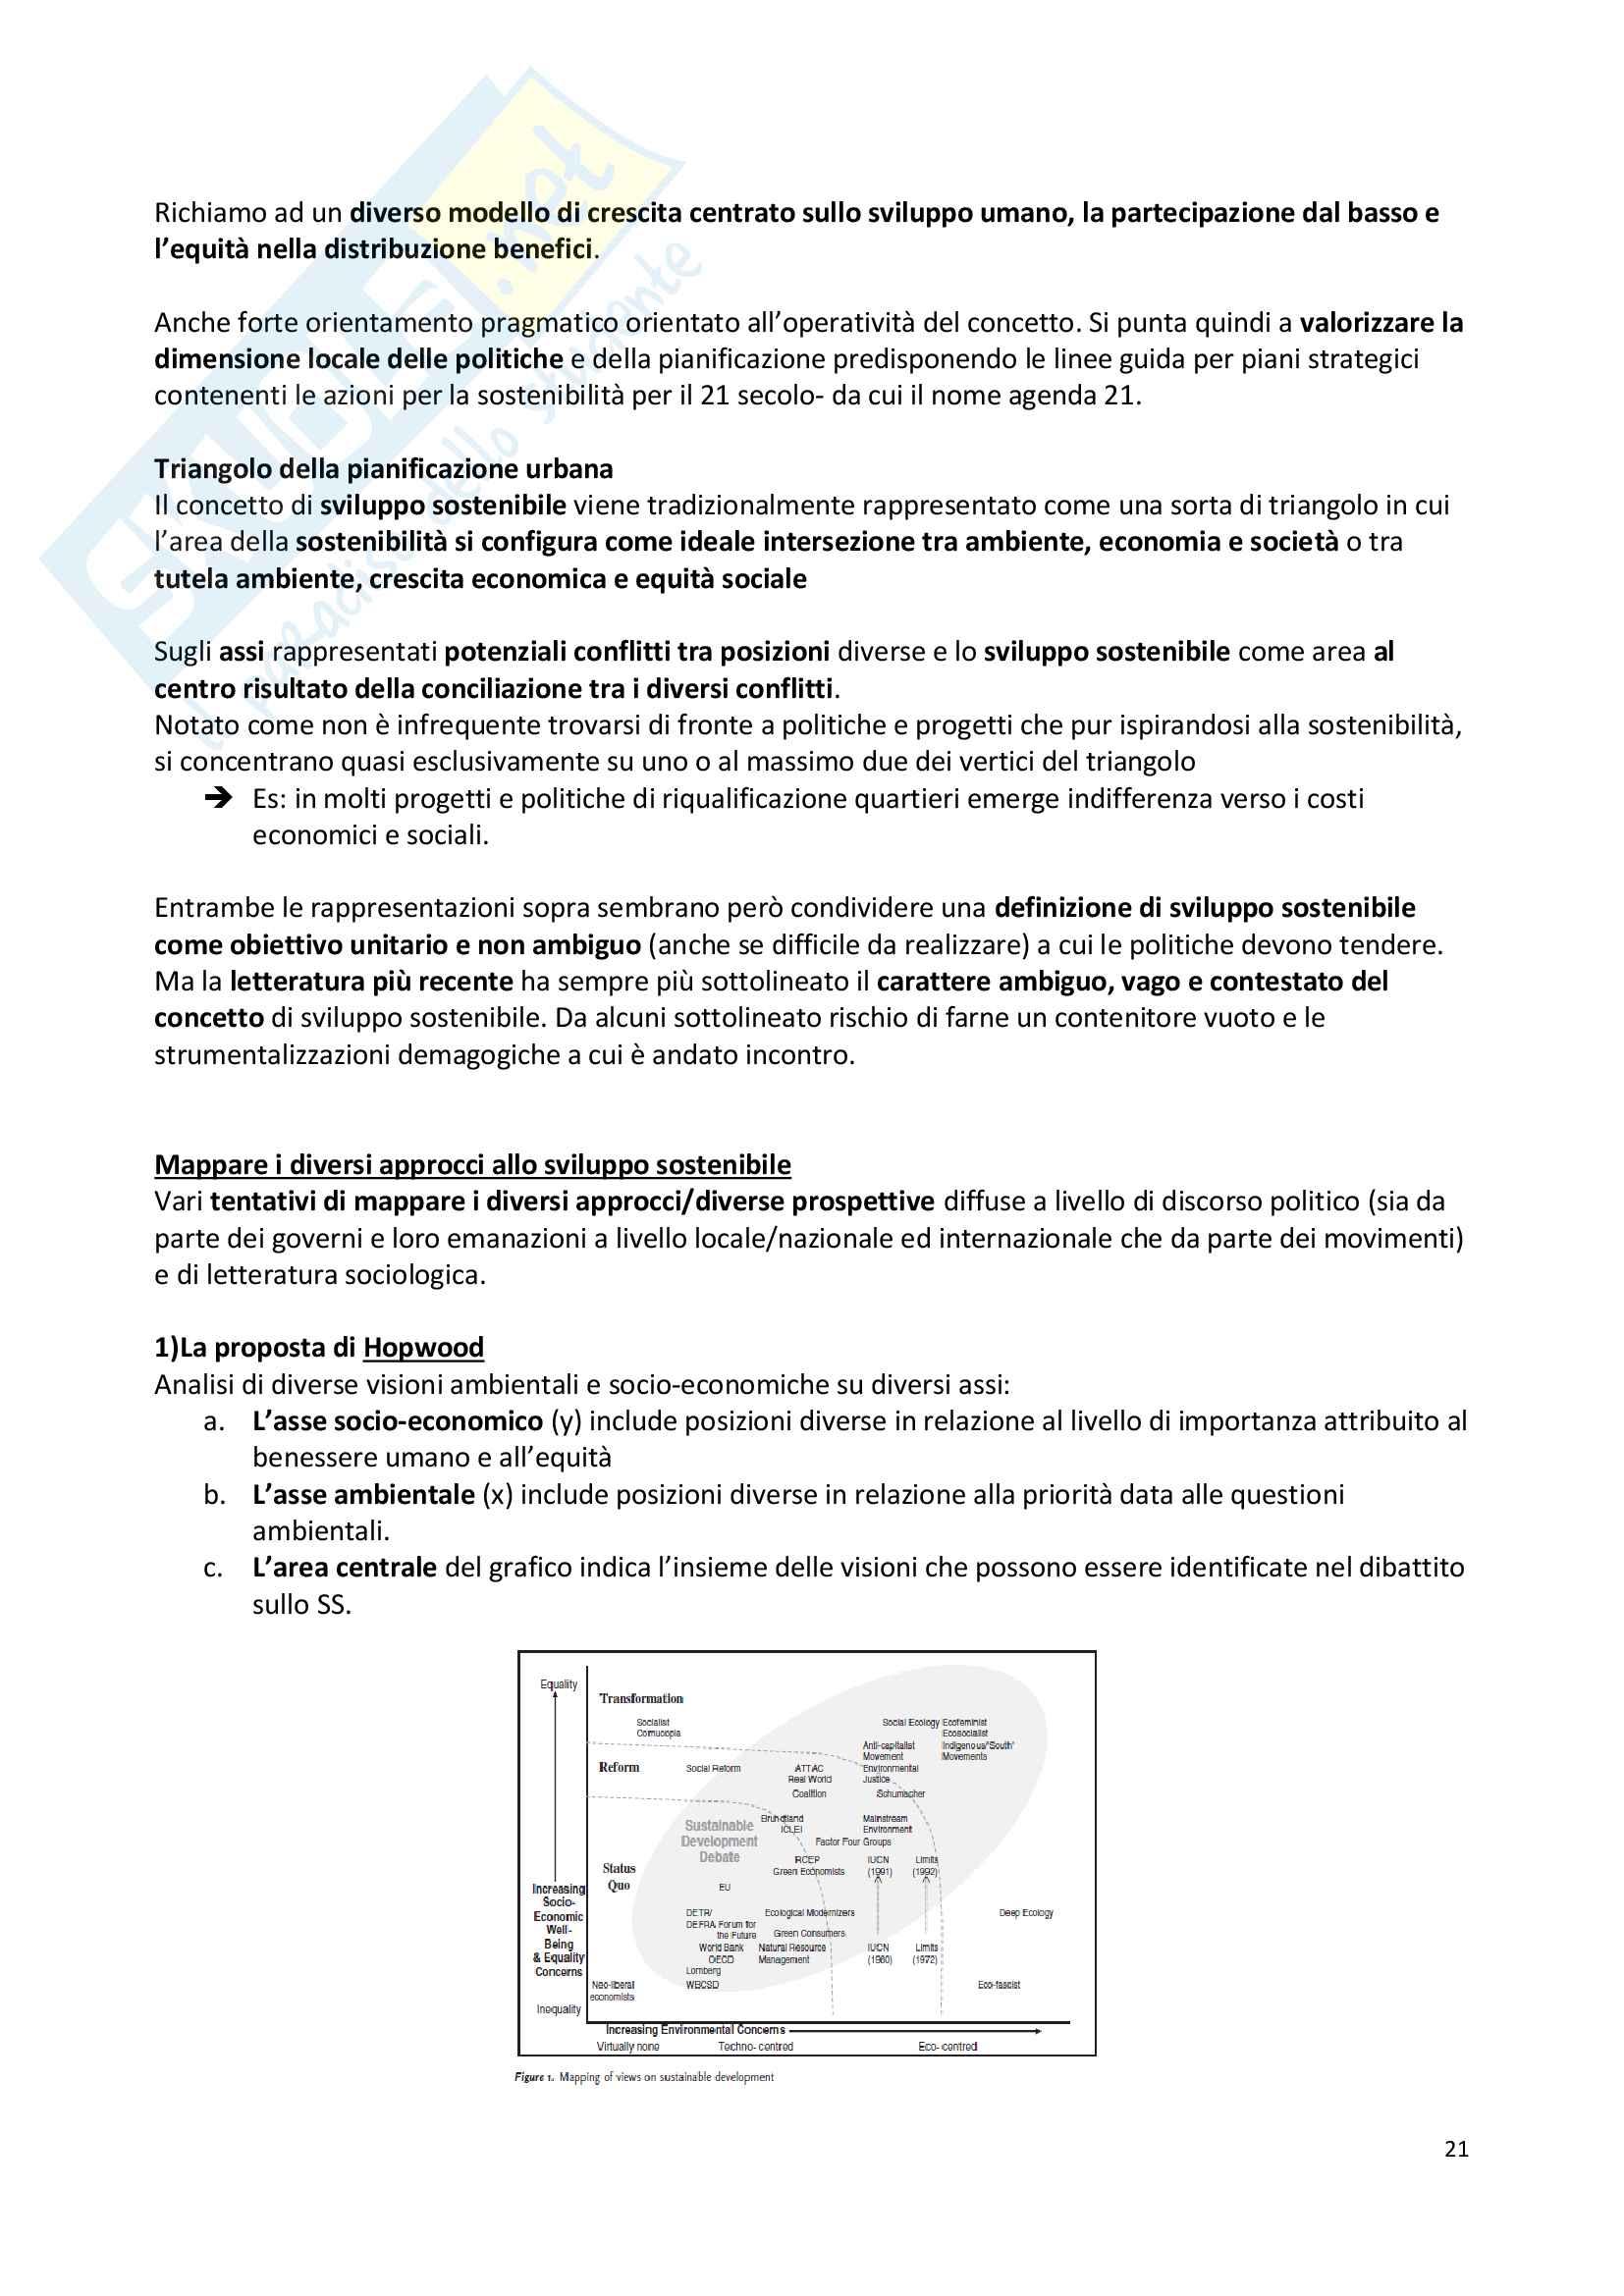 Appunti, Sociologia del territorio progredito Pag. 21